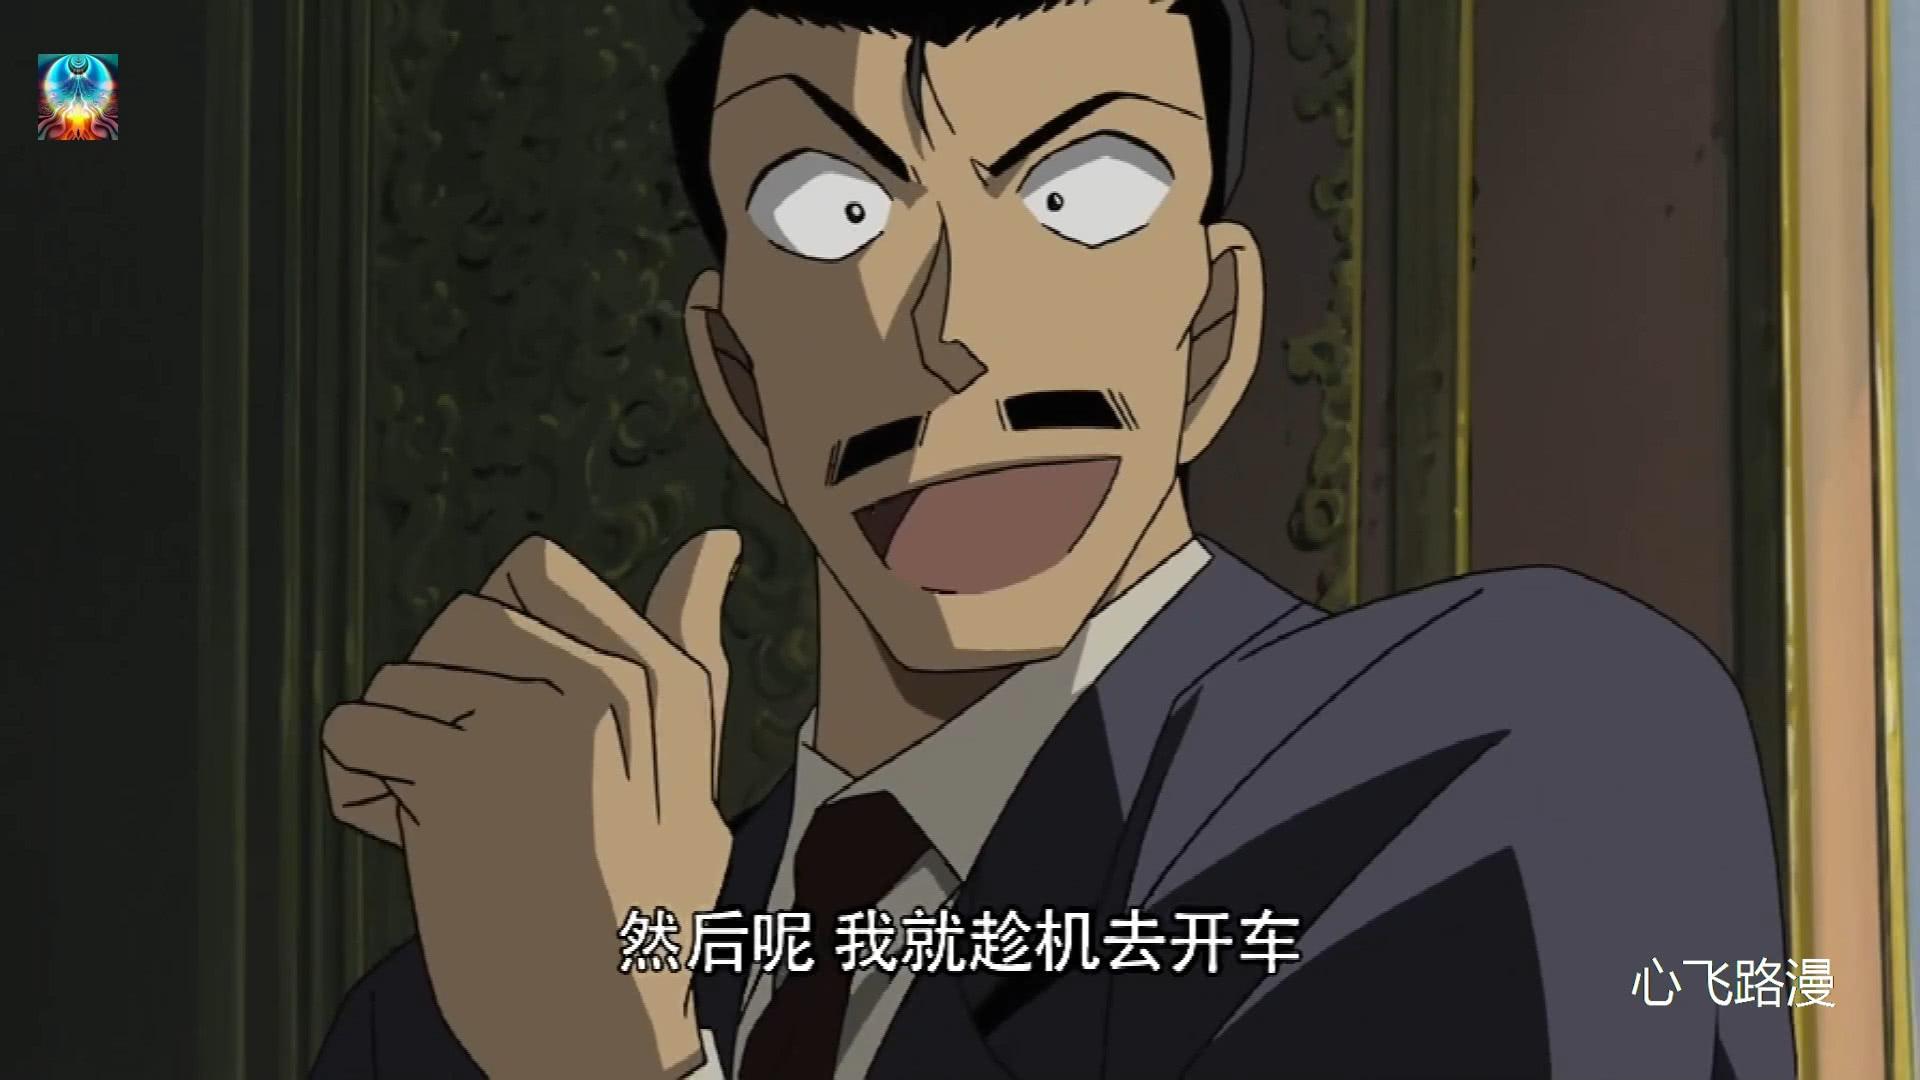 毛利小五郎智谋【绝顶】,直接制定了诱饵方案